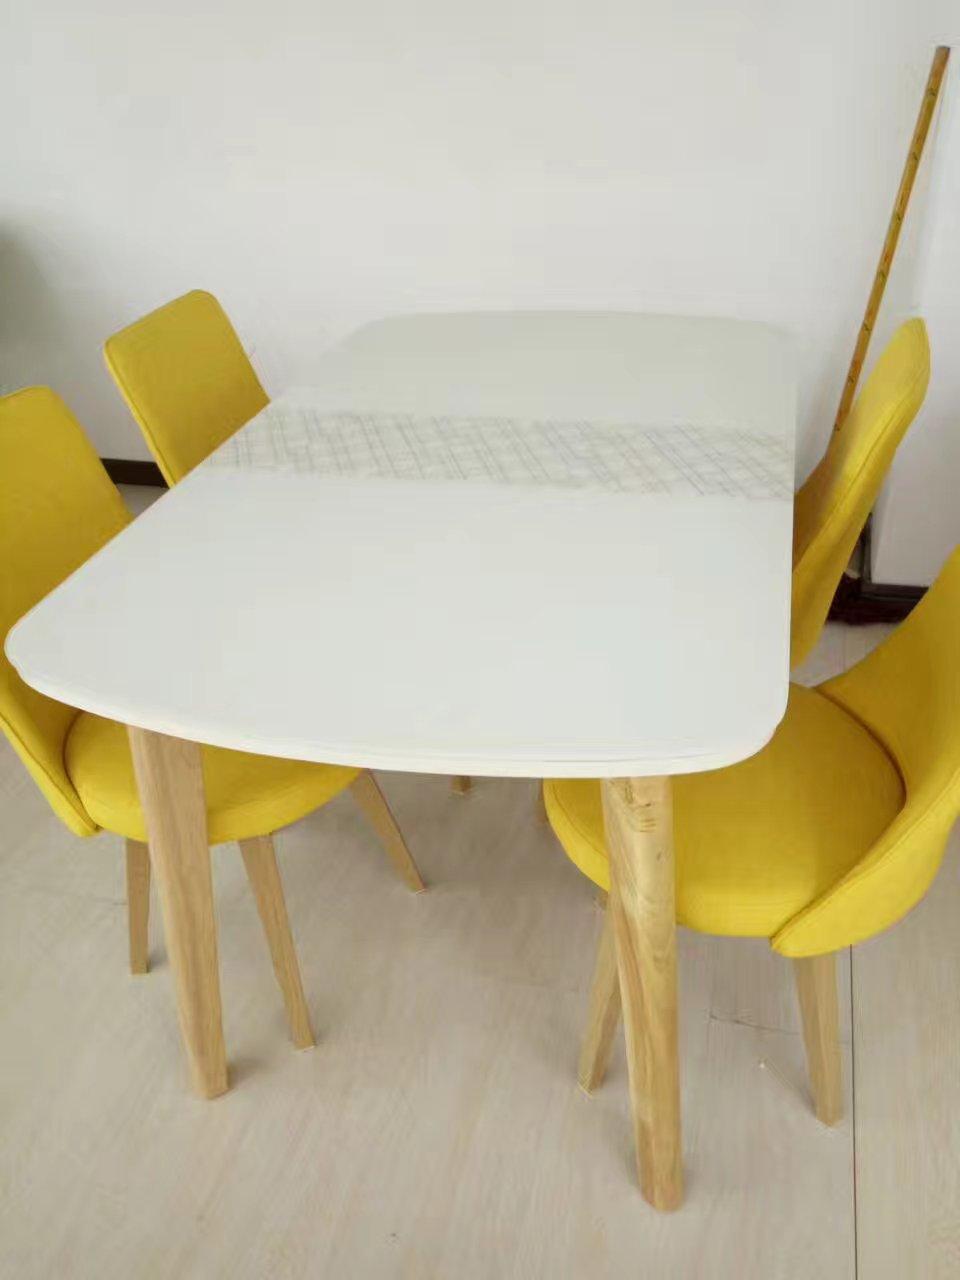 餐桌椅成品品牌,高品质餐桌椅在德州哪里有供应